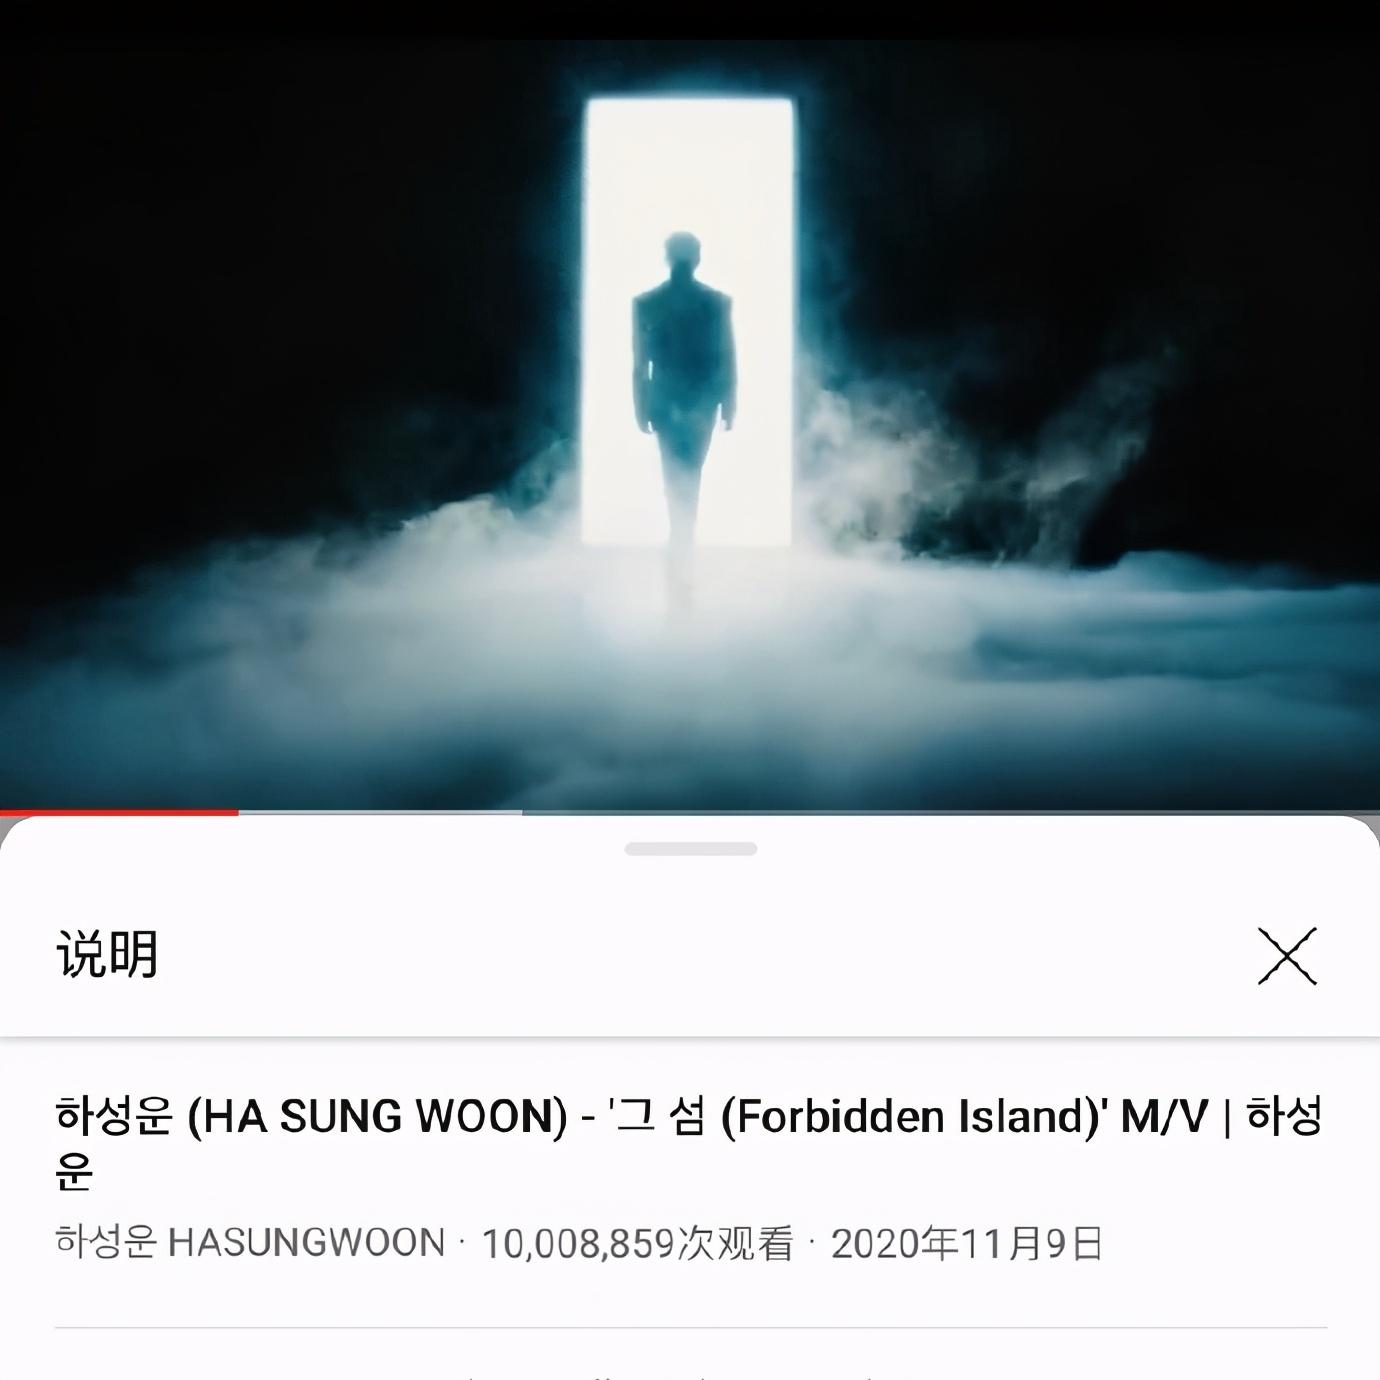 进击的主唱!从预告开始就不一般,河成云新曲MV点击量破1千万